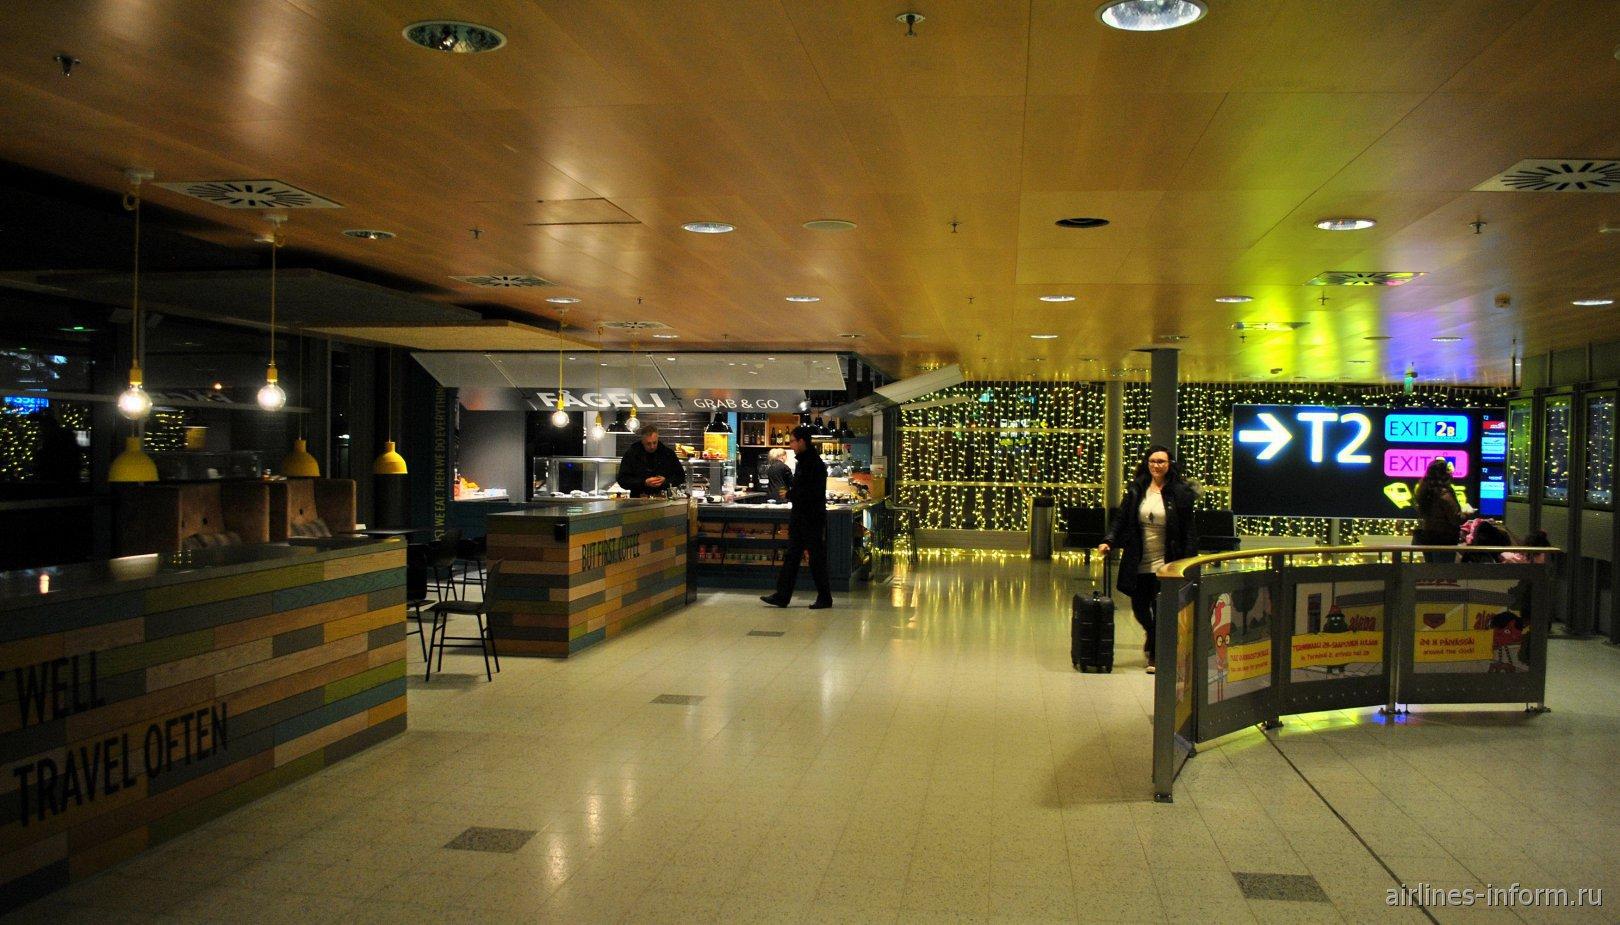 Кафе в переходе между терминалами Т1 и Т2 аэропорта Хельсинки Вантаа